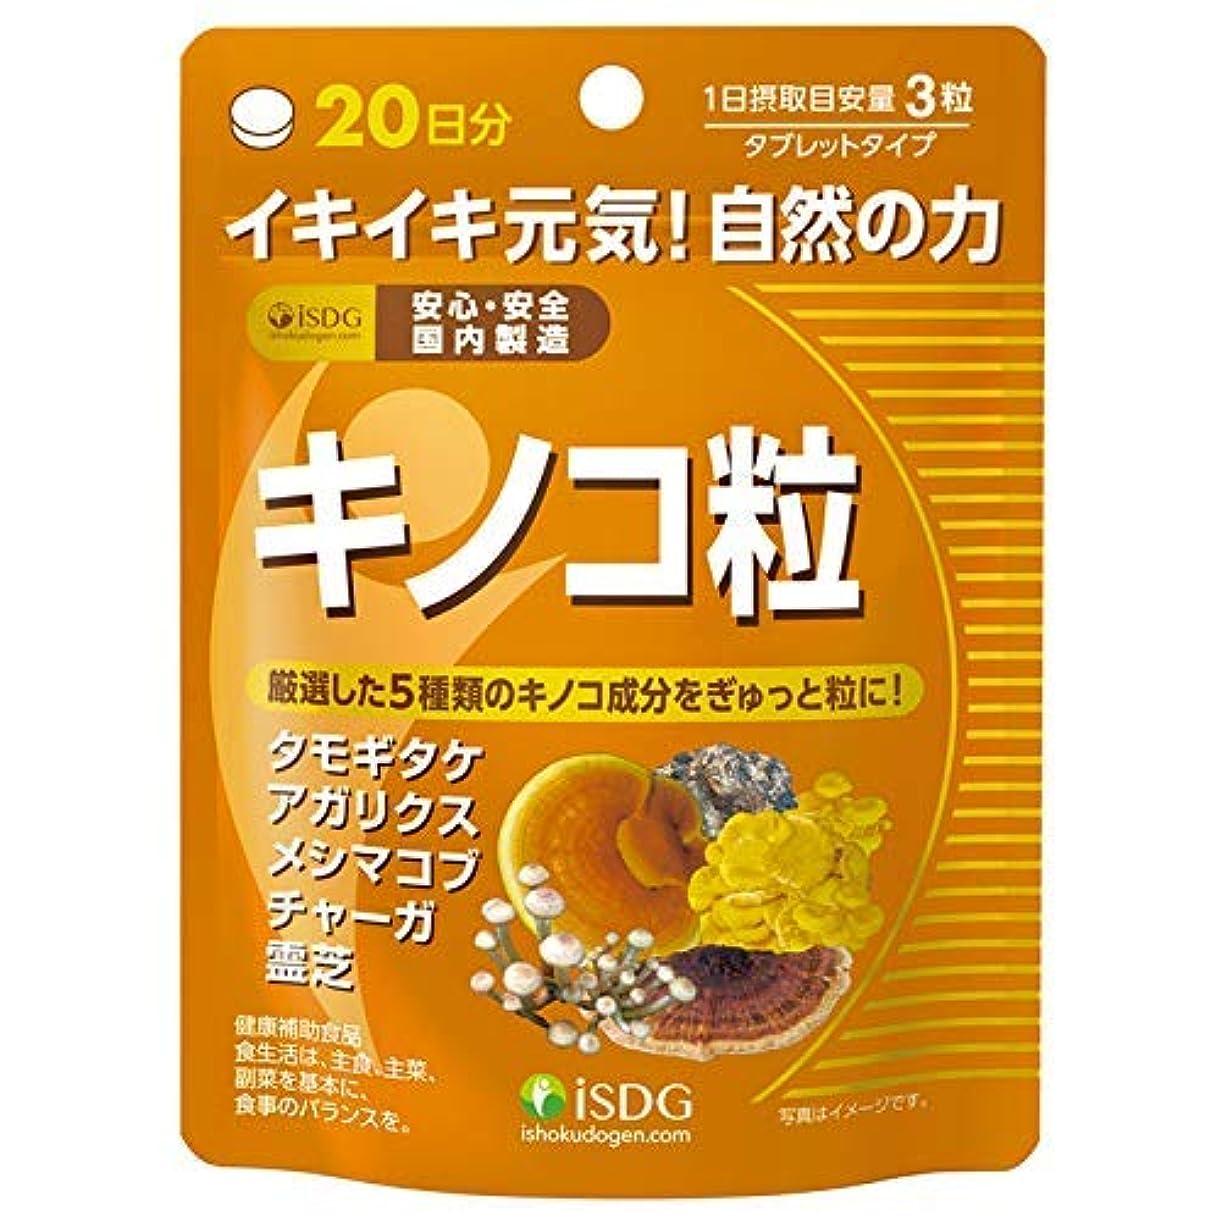 仲間、同僚検出韓国語医食同源ドットコム ISDG 医食同源 キノコ 60粒×5個セット